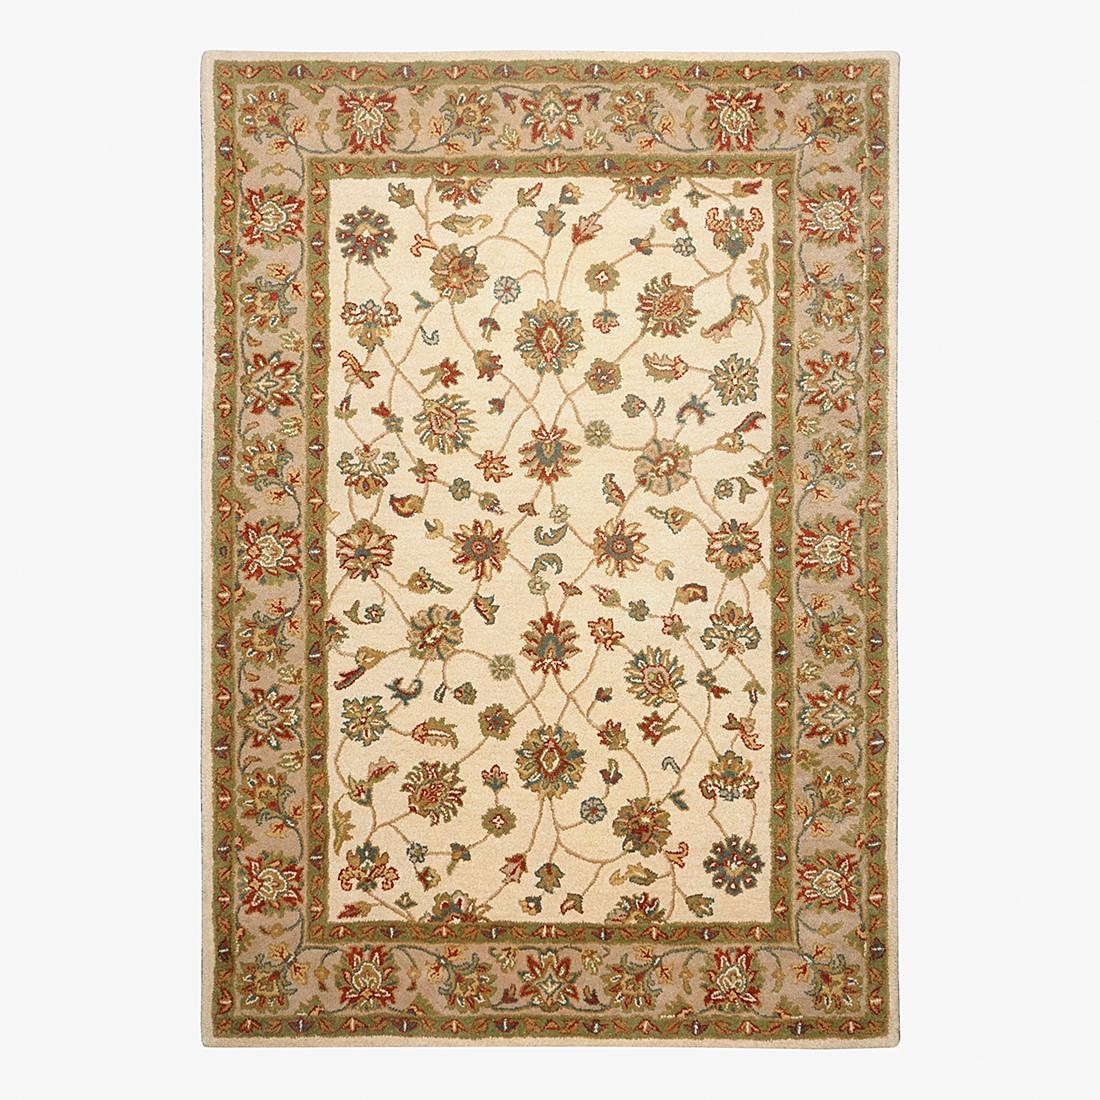 Teppich Royal Ziegler – Wolle/Beige – 240 cm x 340 cm, THEKO die markenteppiche günstig online kaufen